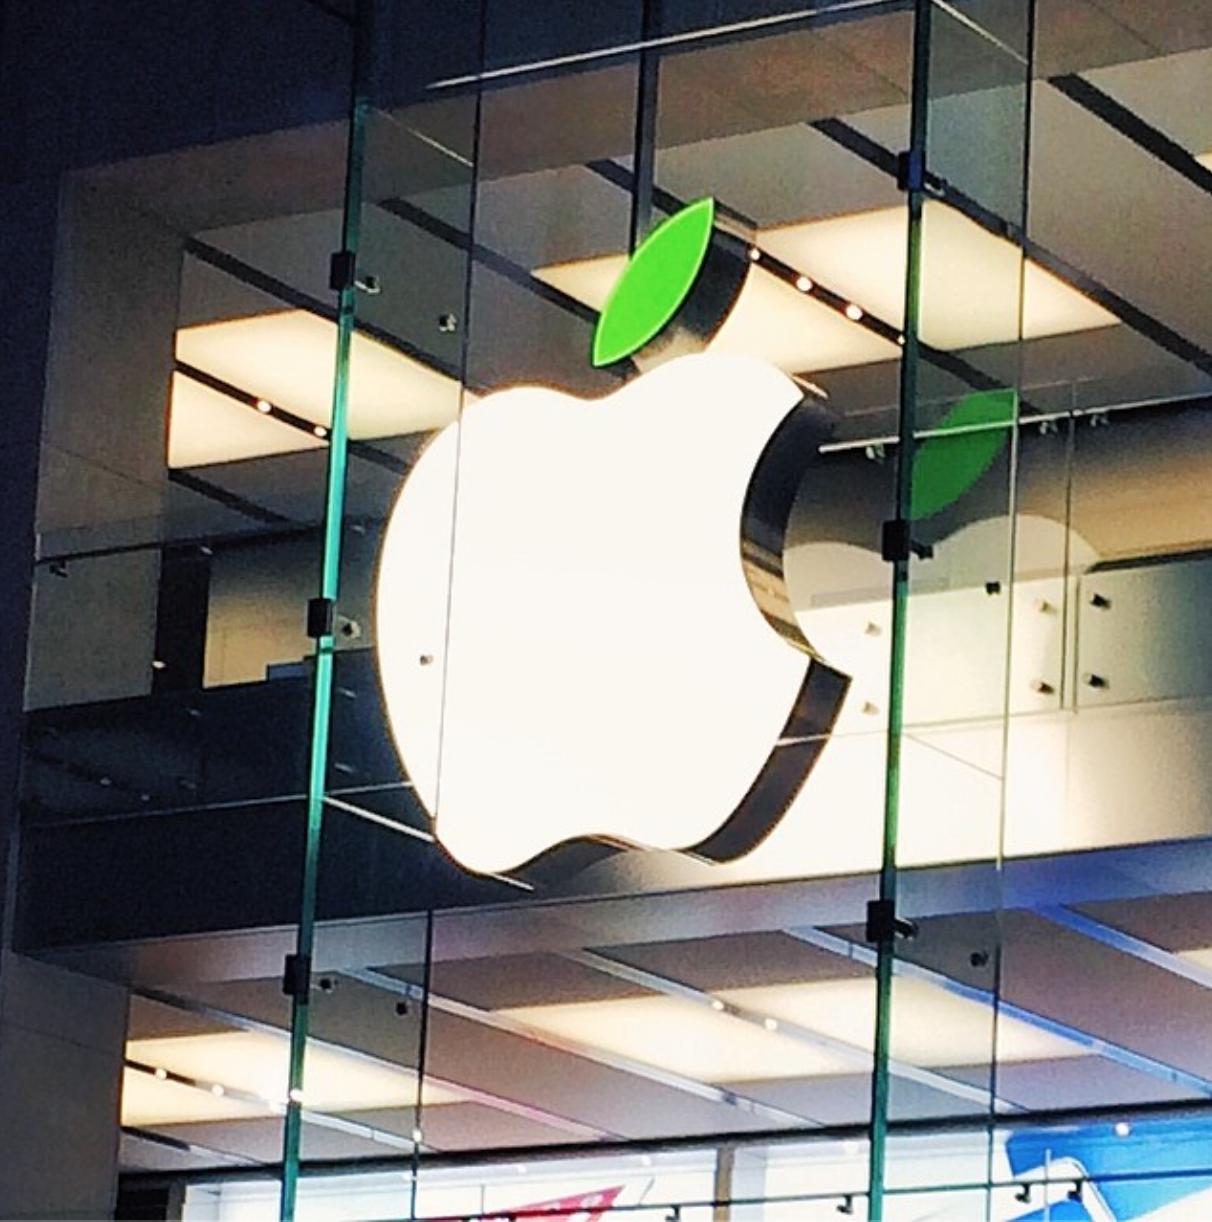 AppleRetailStoreGreen2